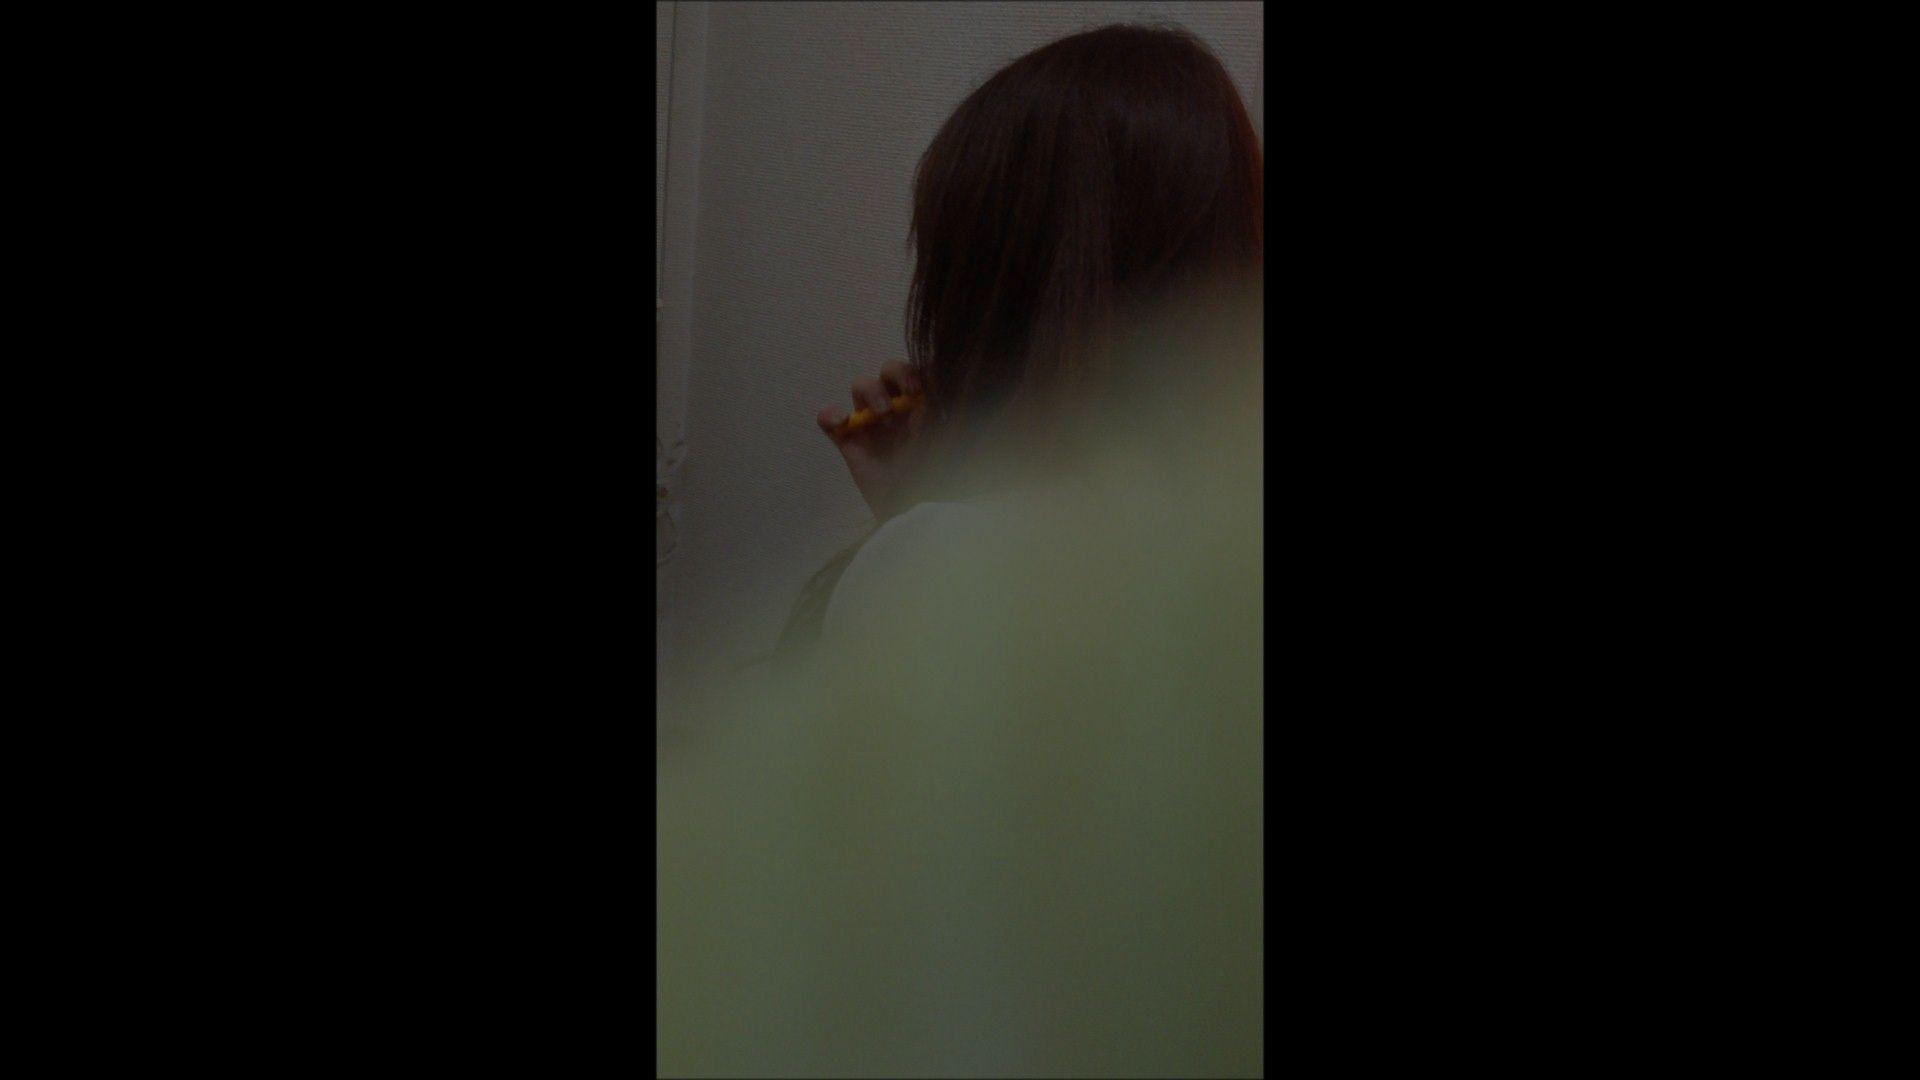 08(8日目)メイク中の彼女の顔を撮りました! マンコ特集 | オマンコ丸見え  59連発 36